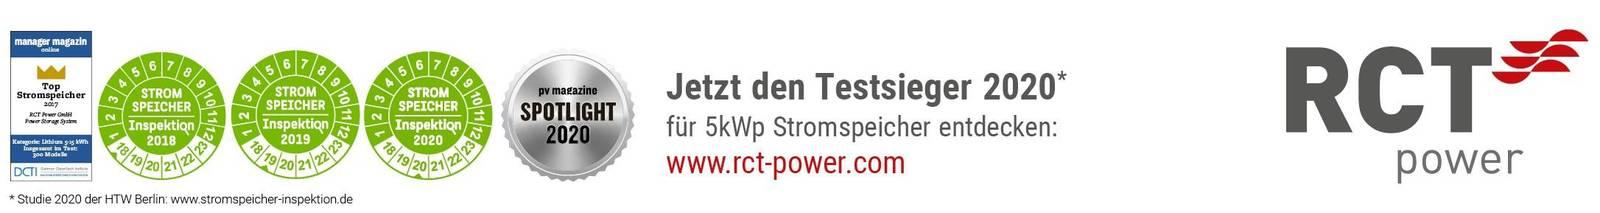 RCT Power Auszeichnungen